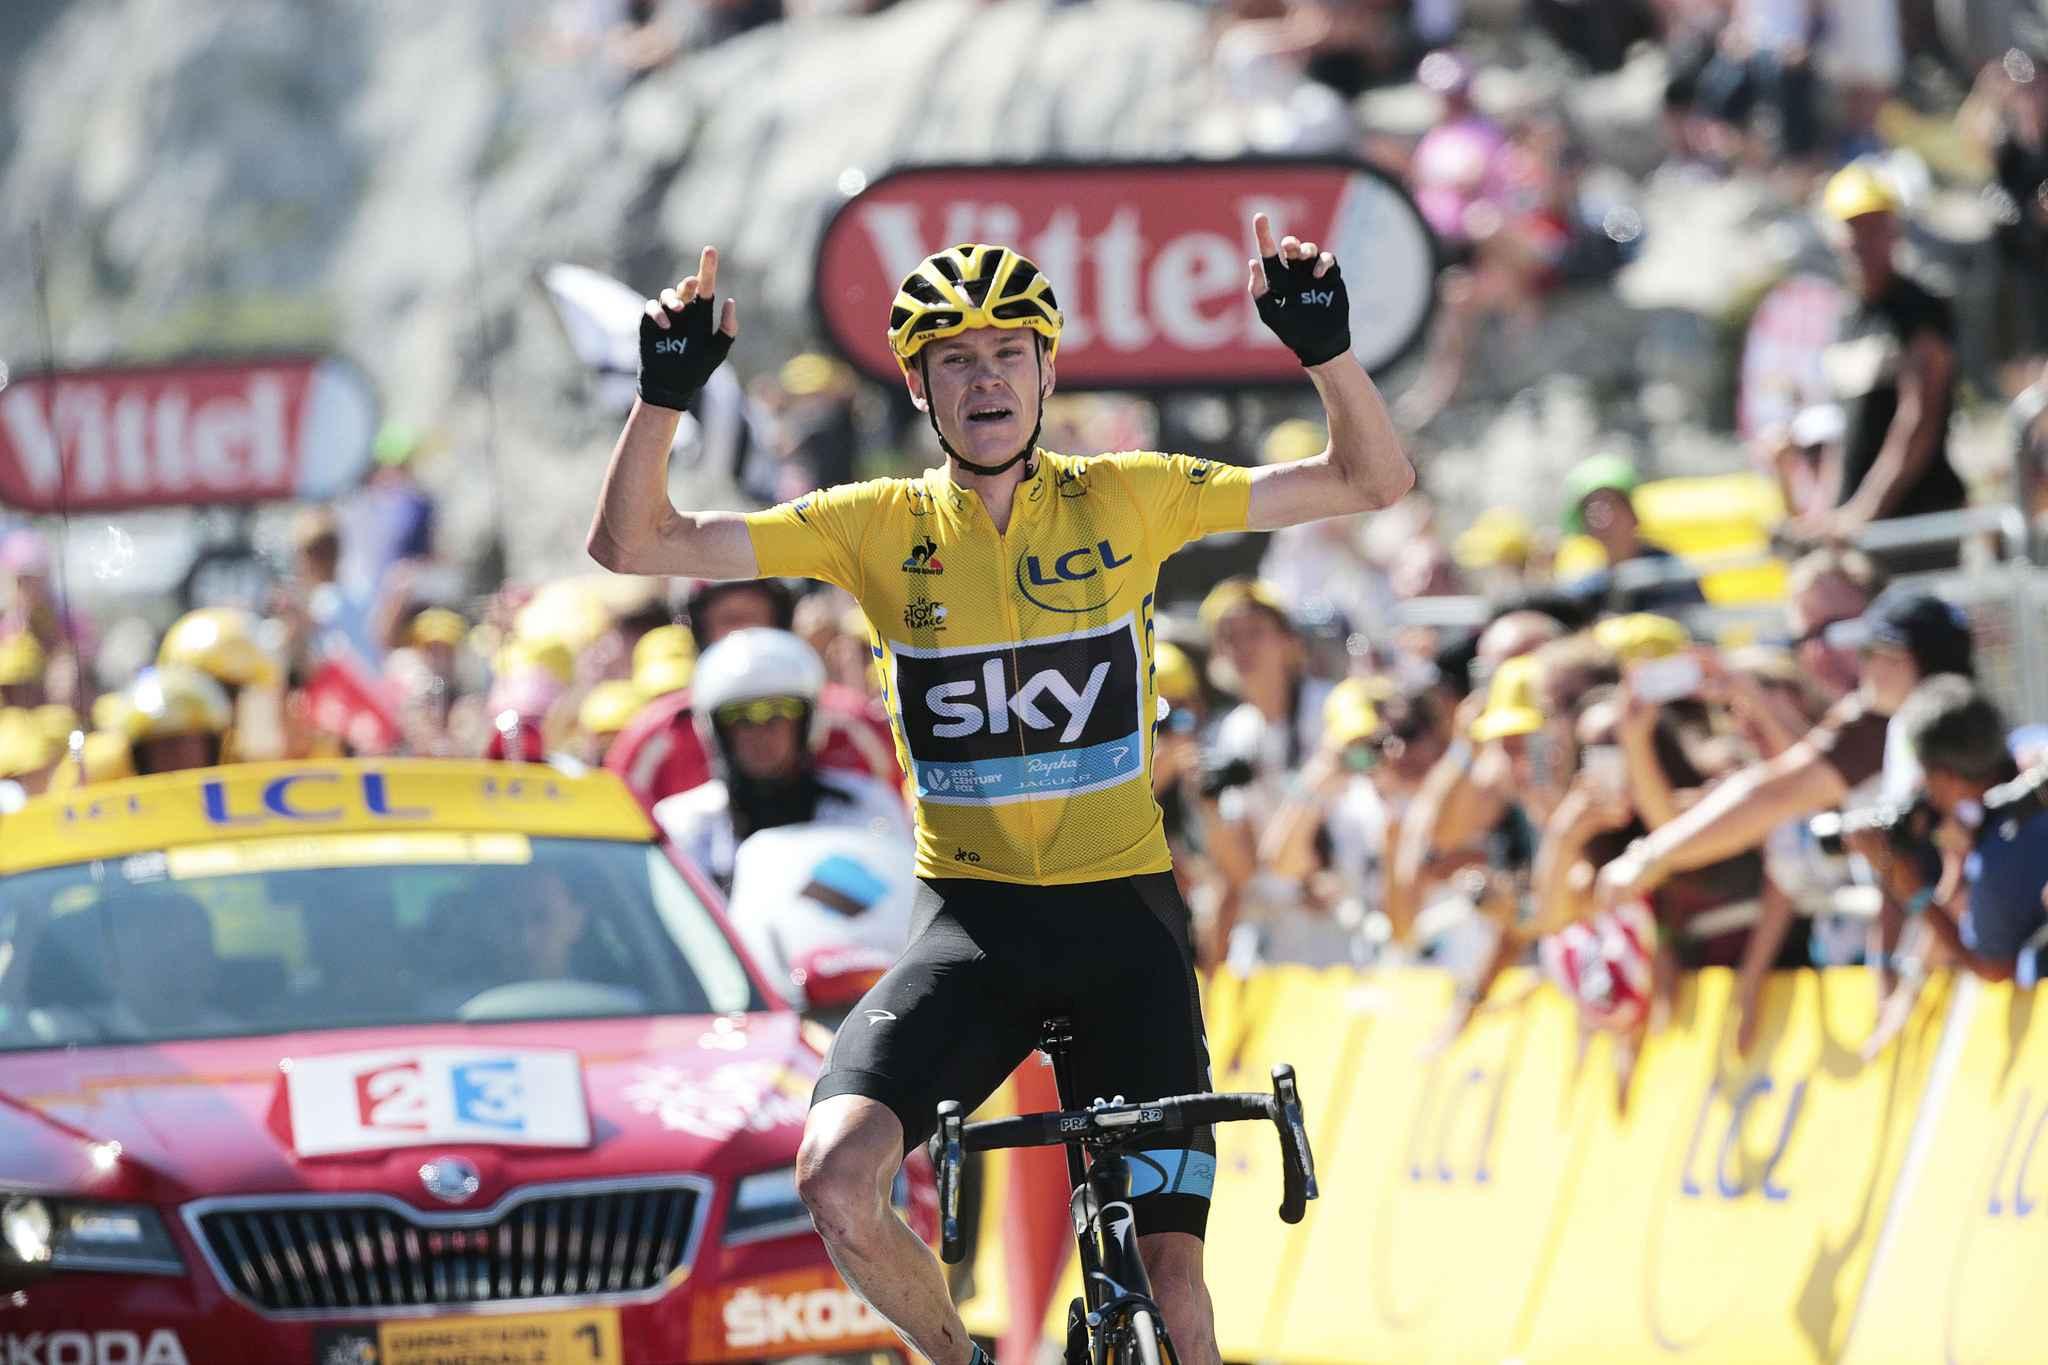 Froome vítězí v desáté etapě Tour de France 2015.